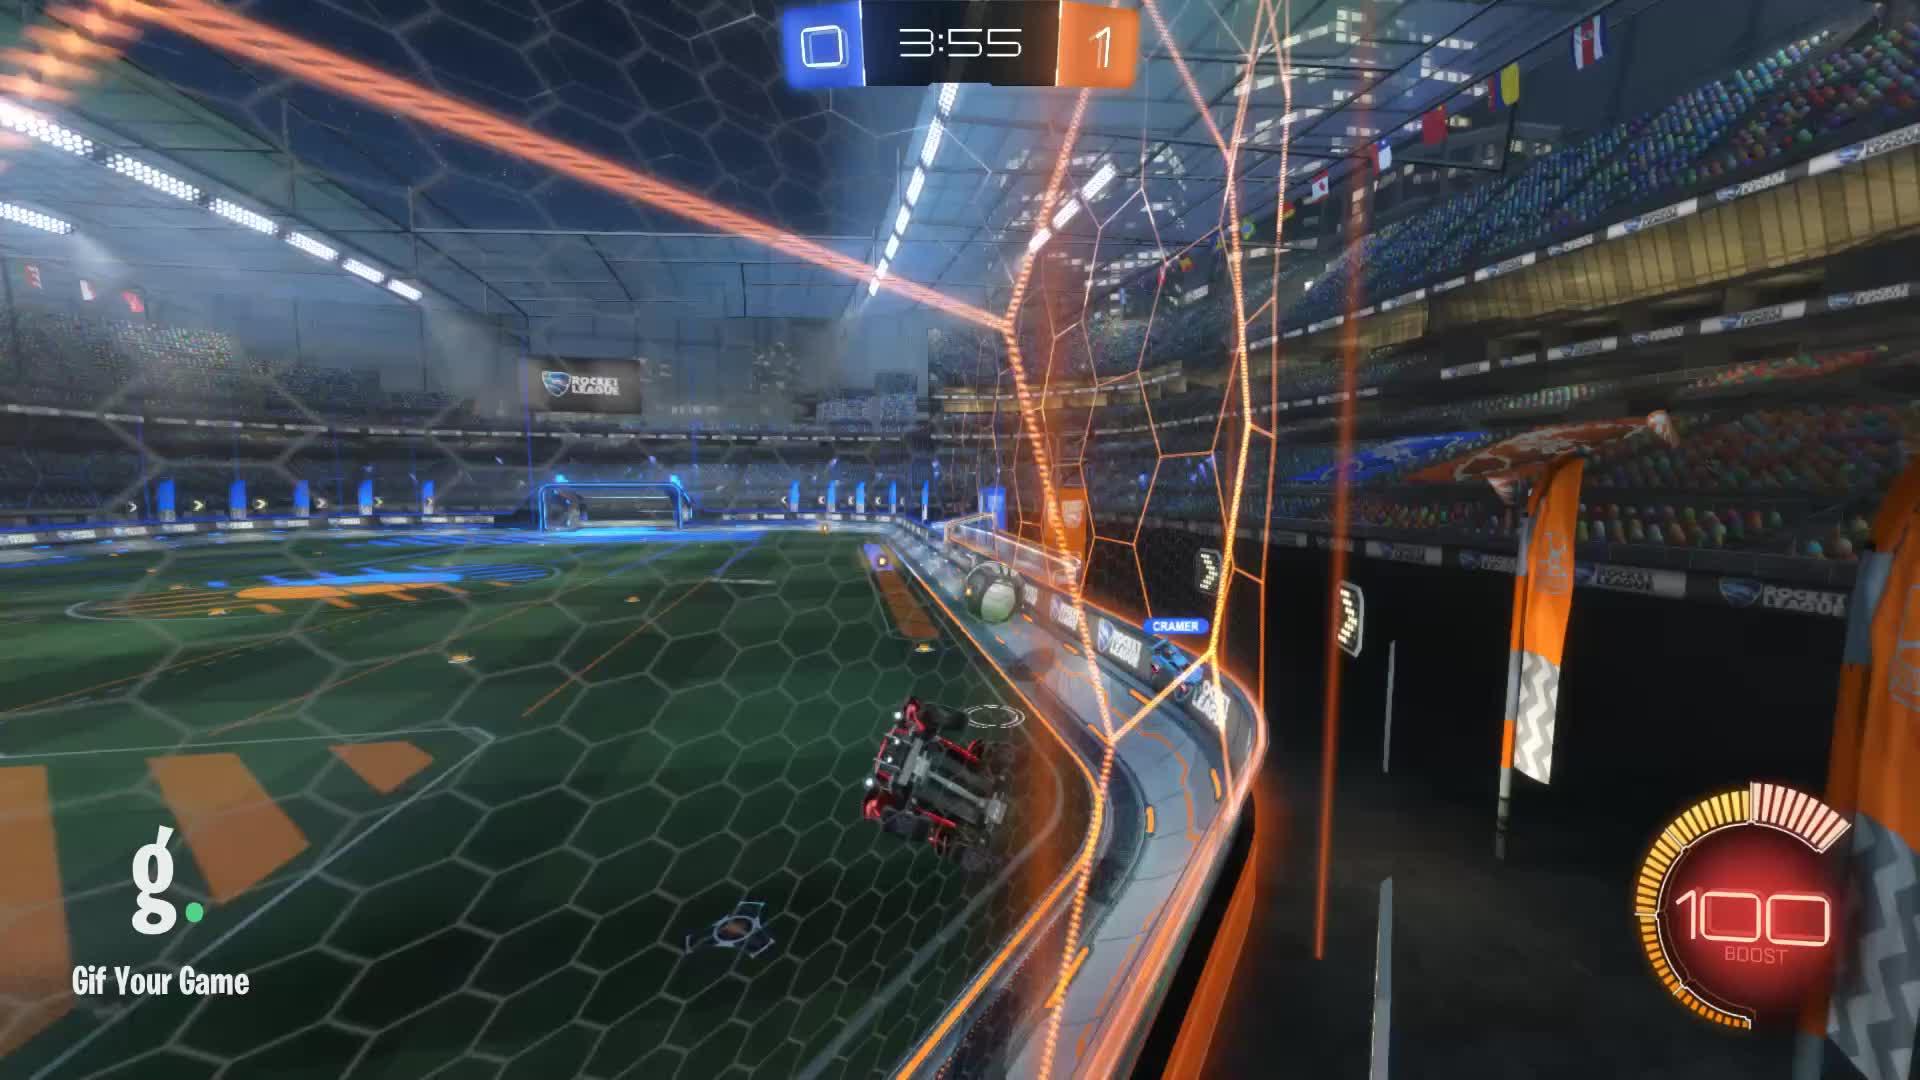 Gif Your Game, GifYourGame, Goal, Rocket League, RocketLeague, noir, Goal 2: noir GIFs